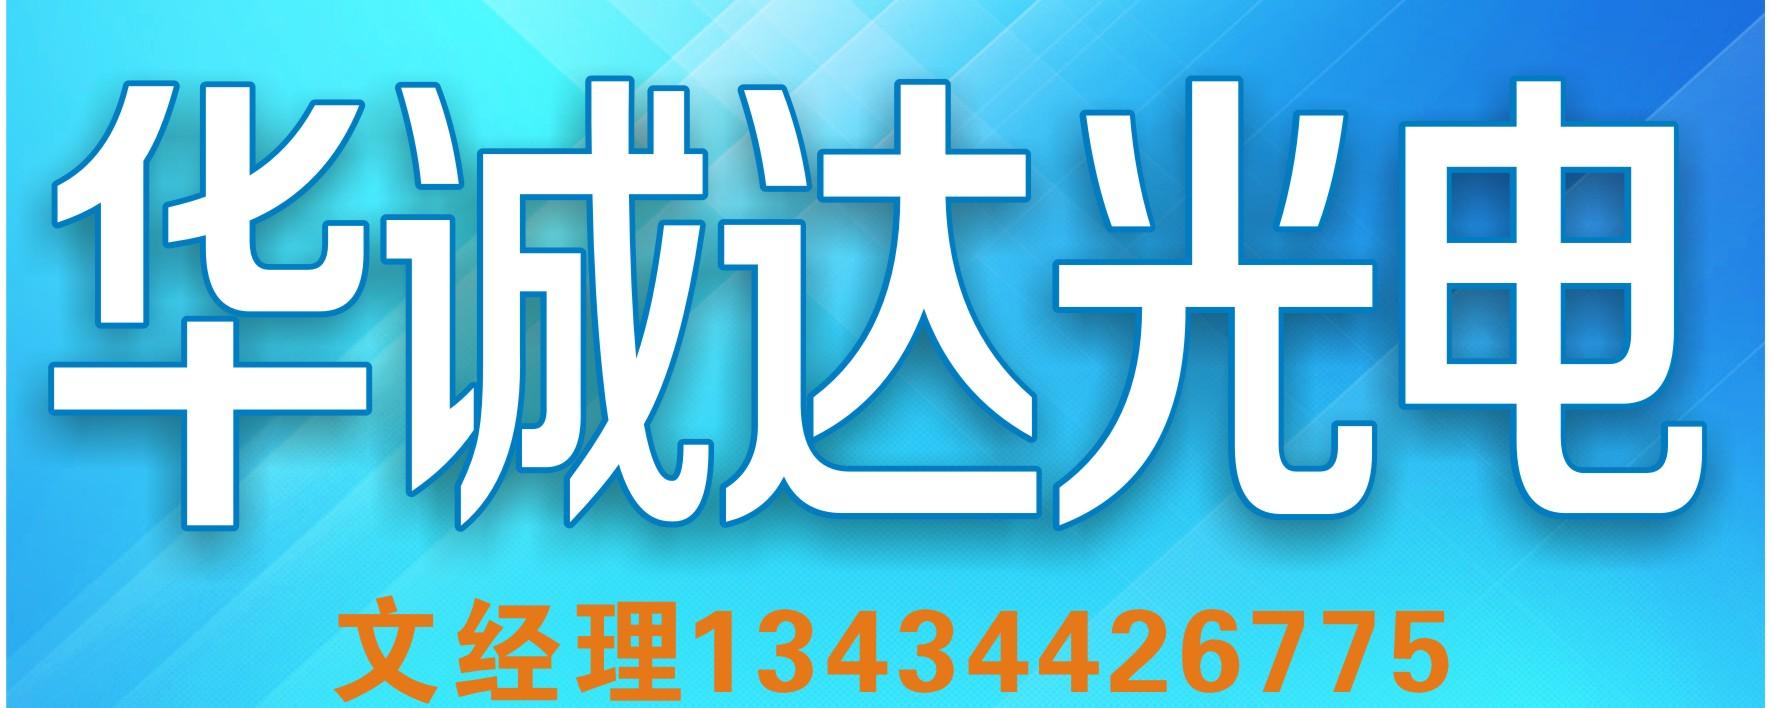 華誠達光電科技有限公司